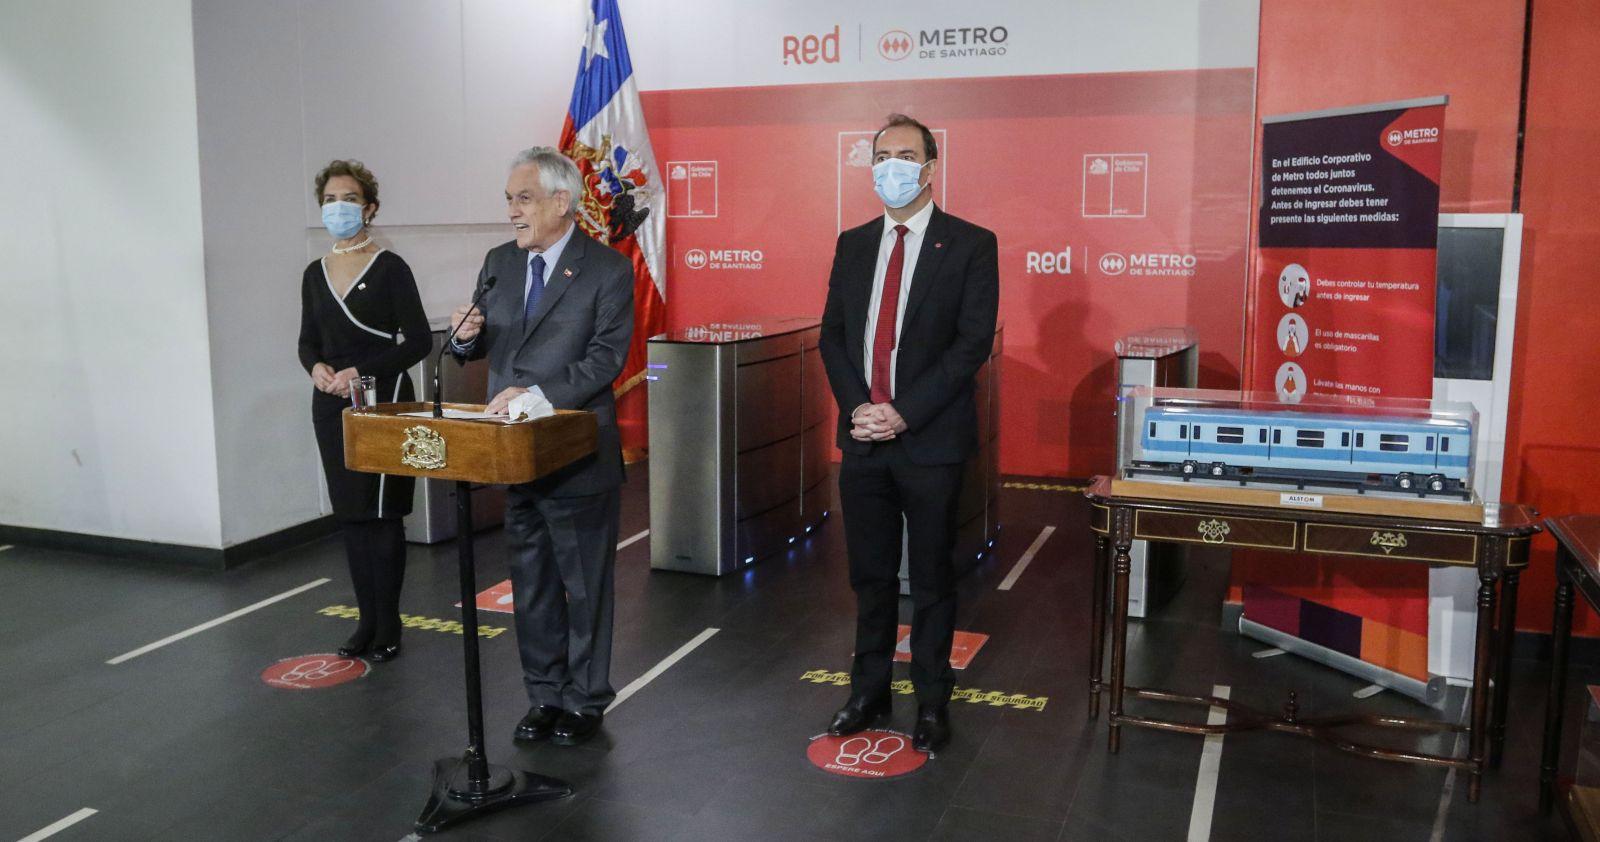 En medio de protestas por despidos, Piñera anuncia reapertura completa de la red de Metro